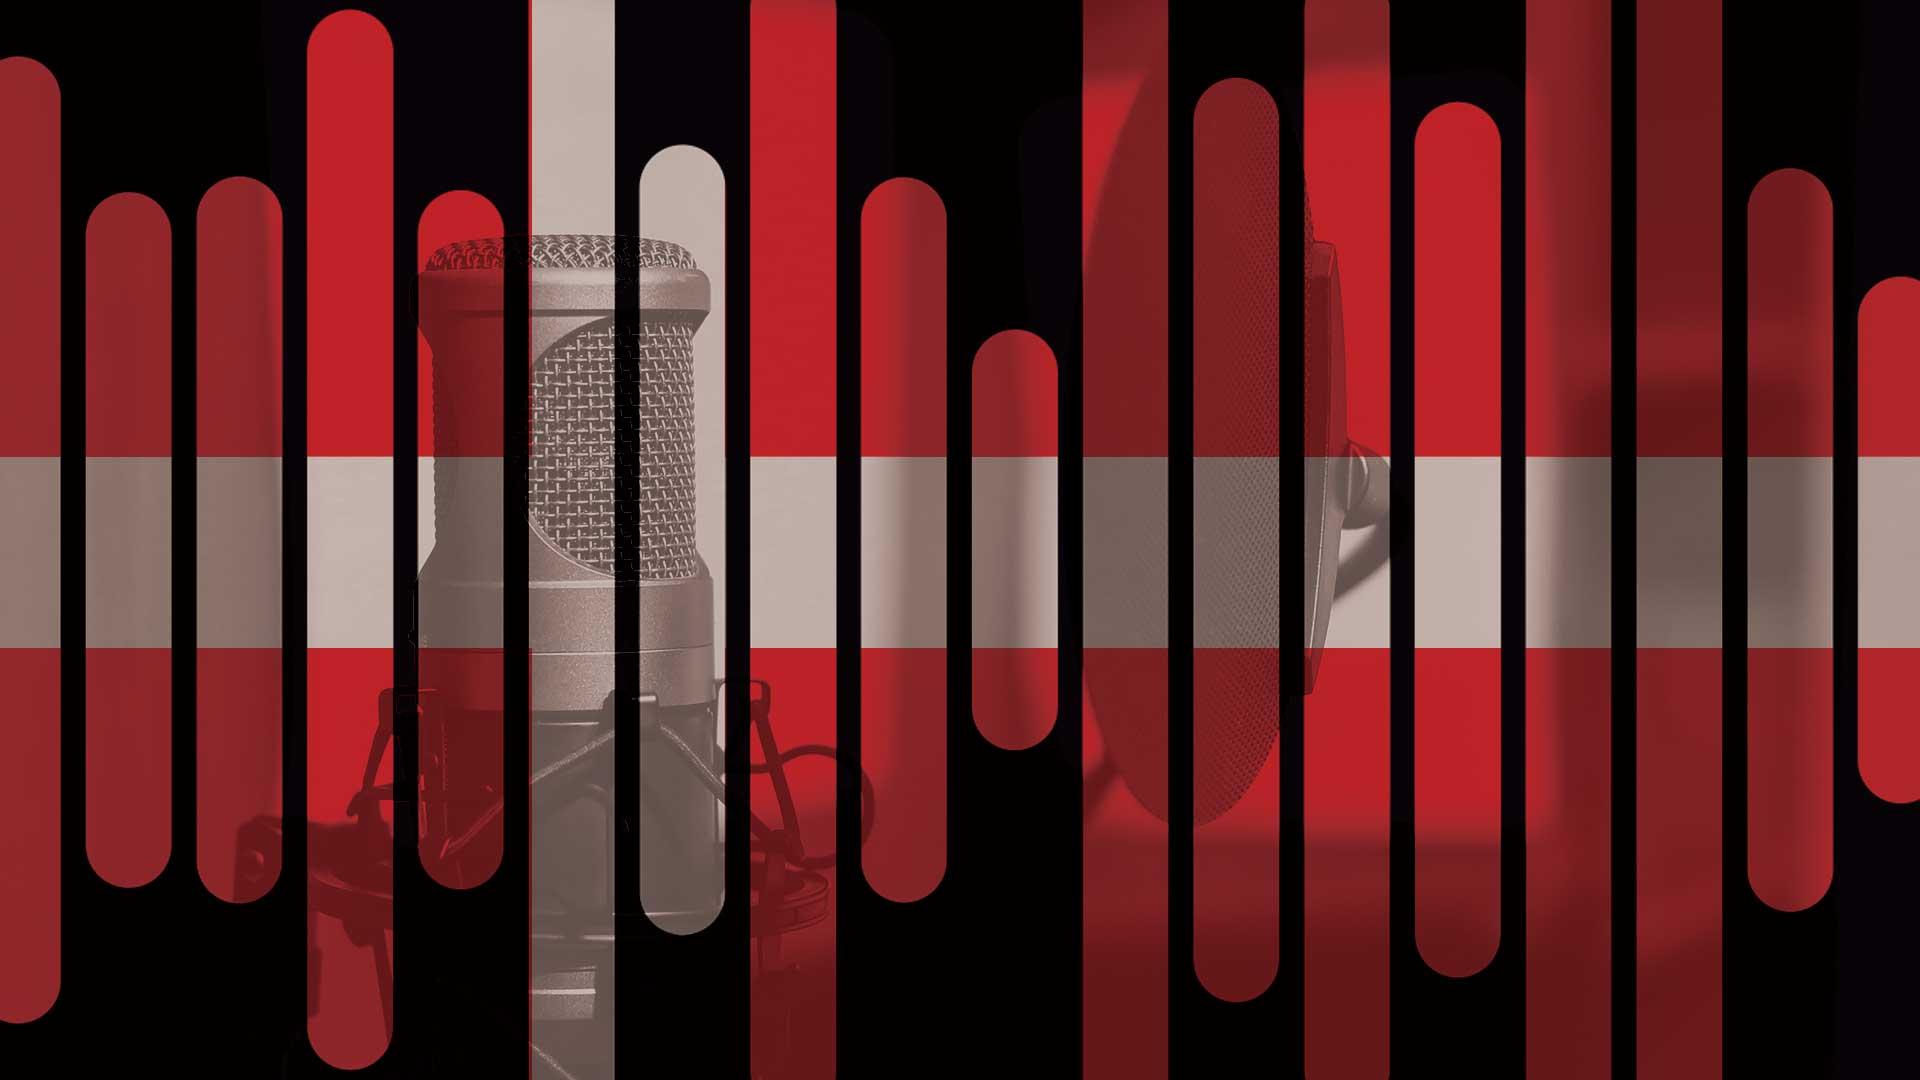 Voice-Over Services Denmark - Voquent